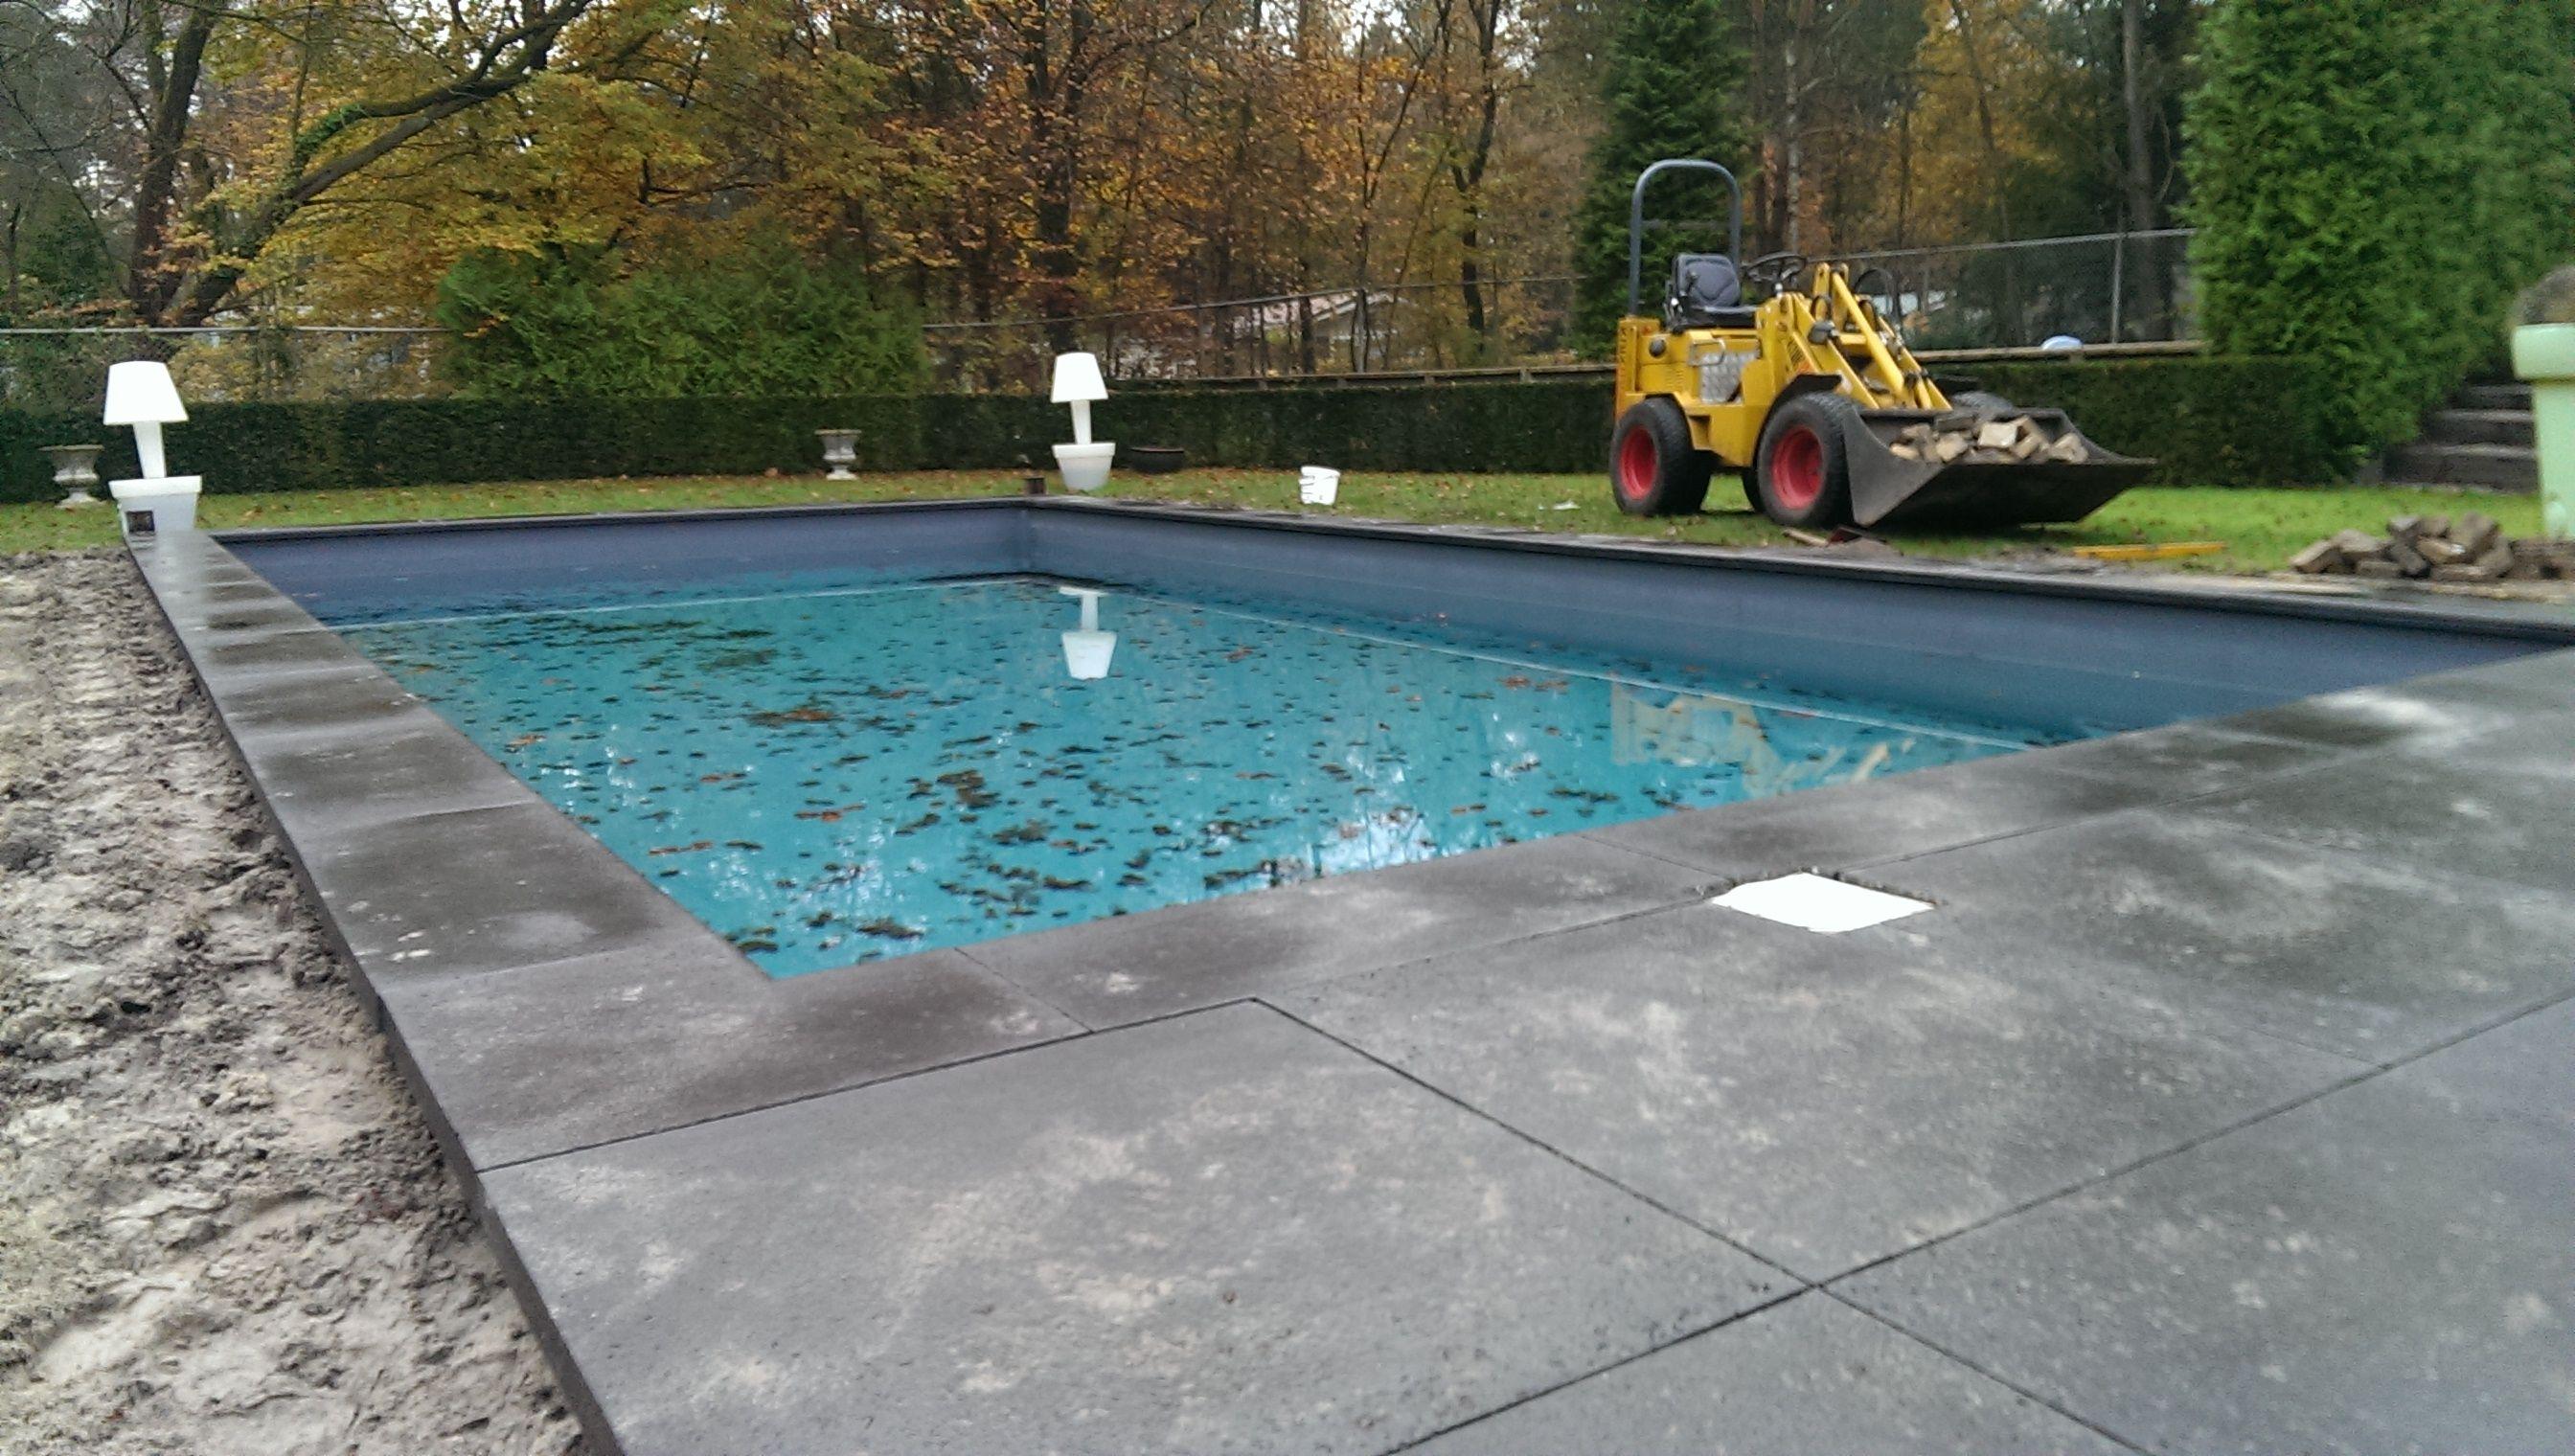 Oud hollandse schellevis tegels en zwembadrand om zwembad for Schellevis tegels aanbieding